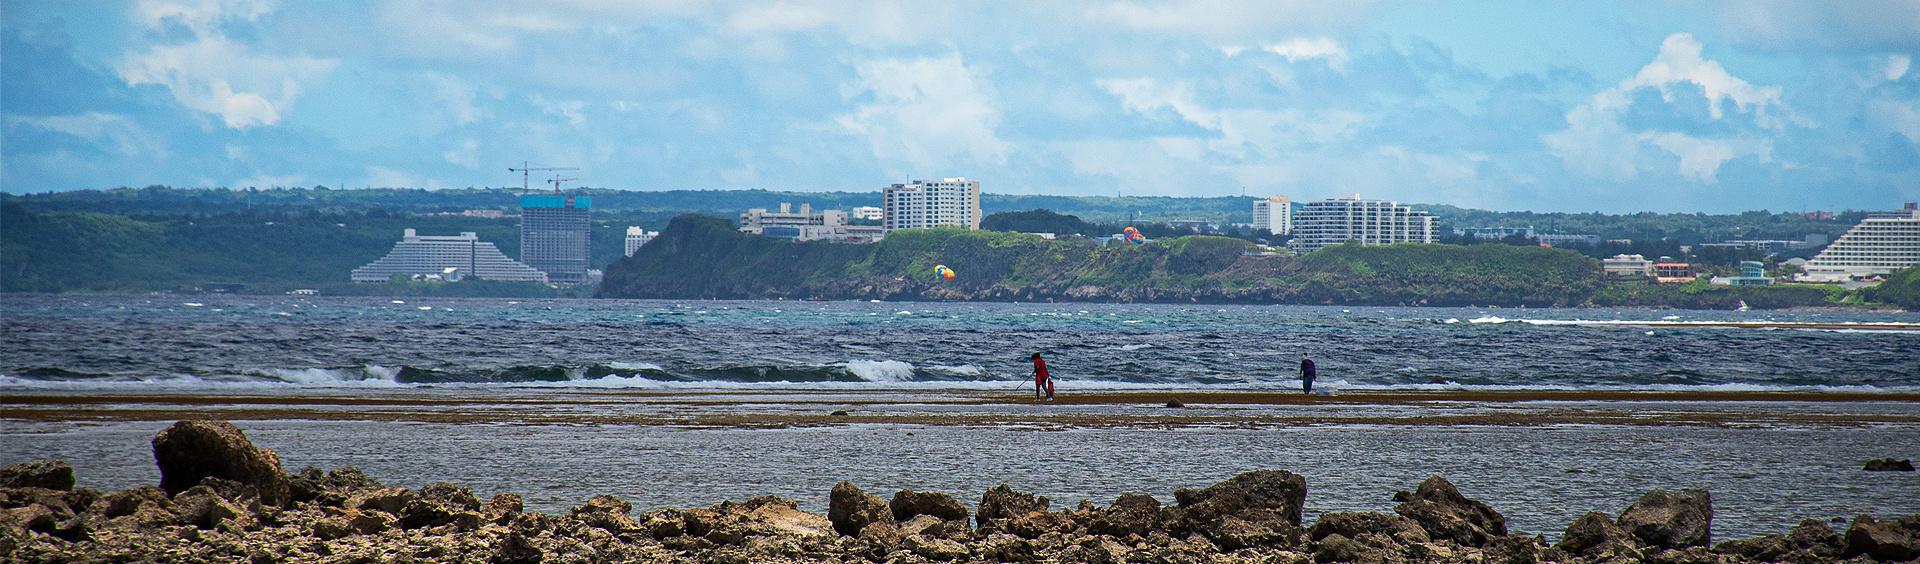 East Hagatna Guam